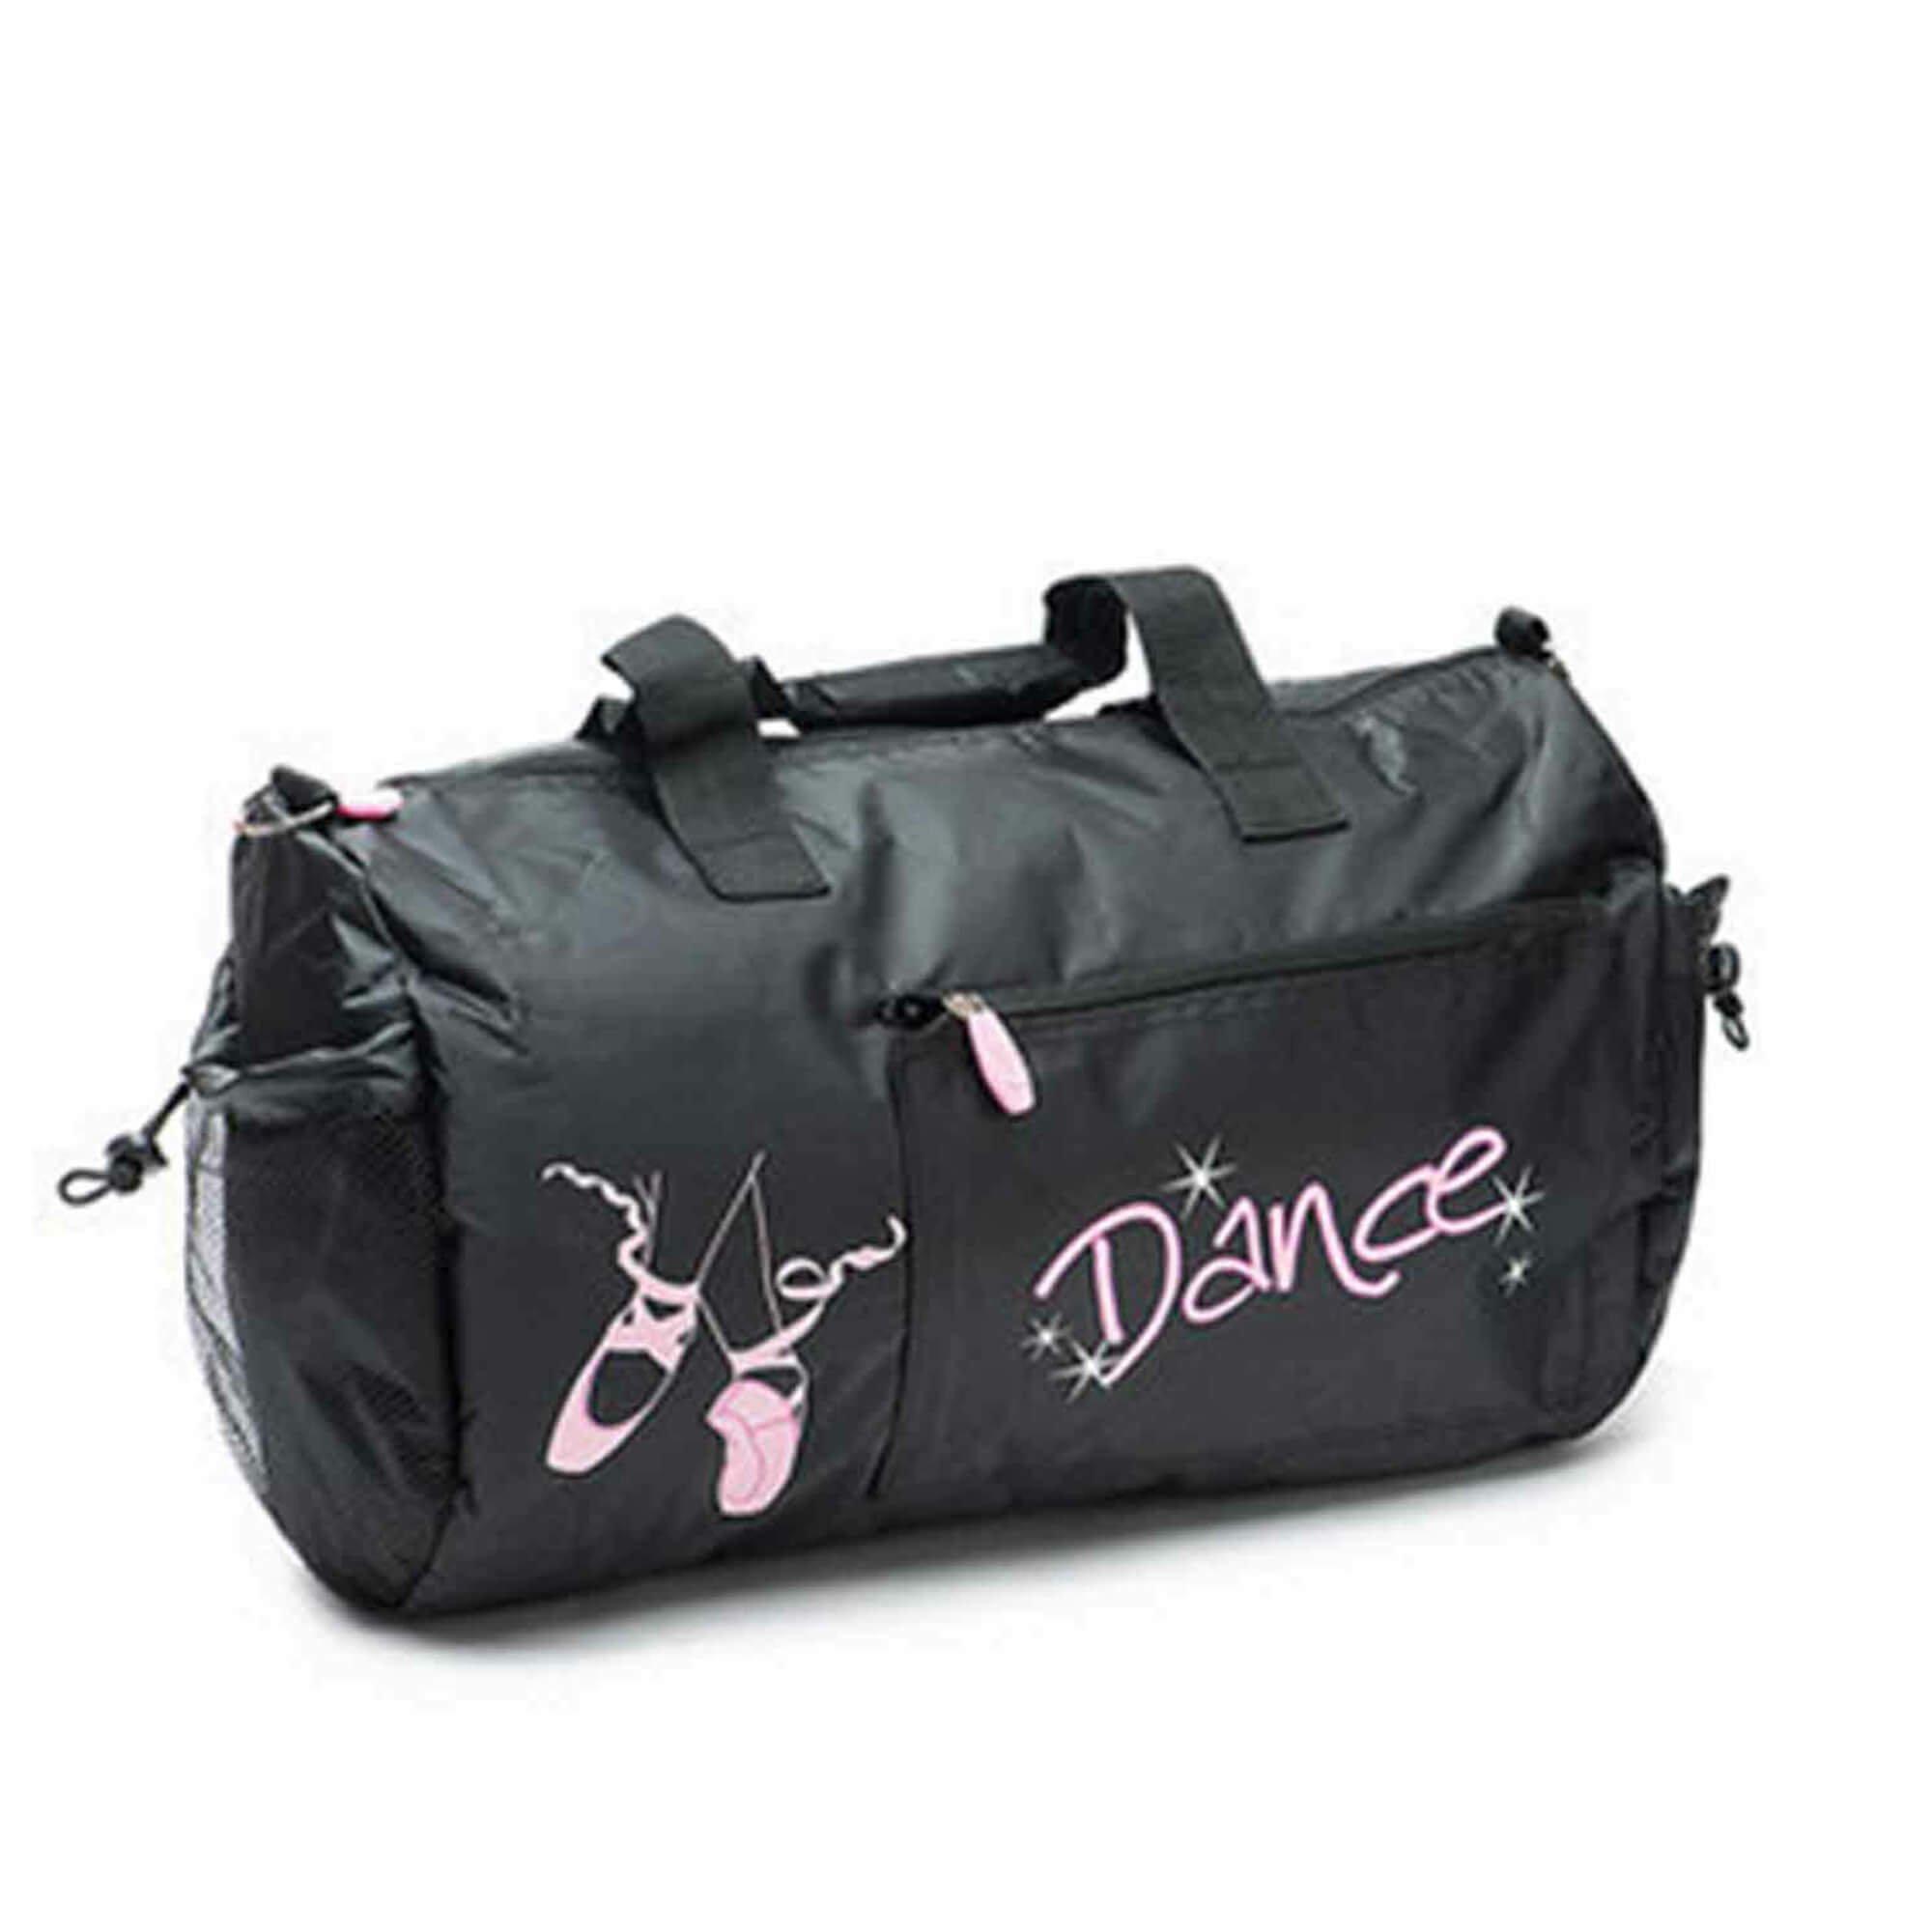 Sansha Dance Bag